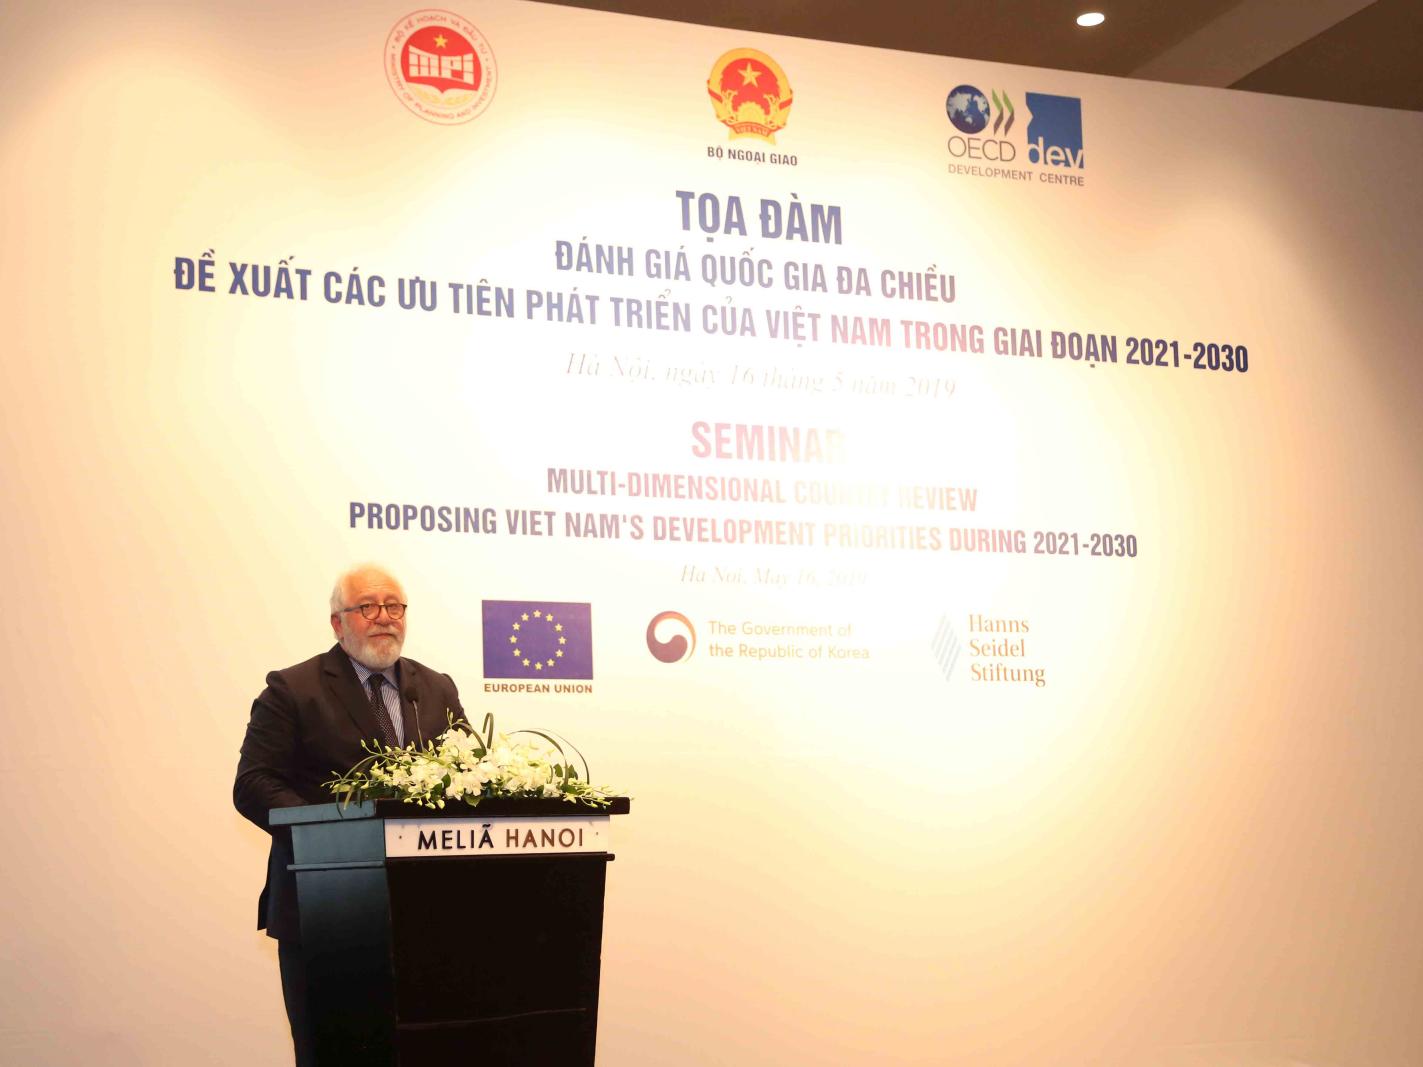 Giám đốc Trung tâm Phát triển của OECD Mario Pezzini phát biểu tại Tọa đàm. Ảnh: MPI